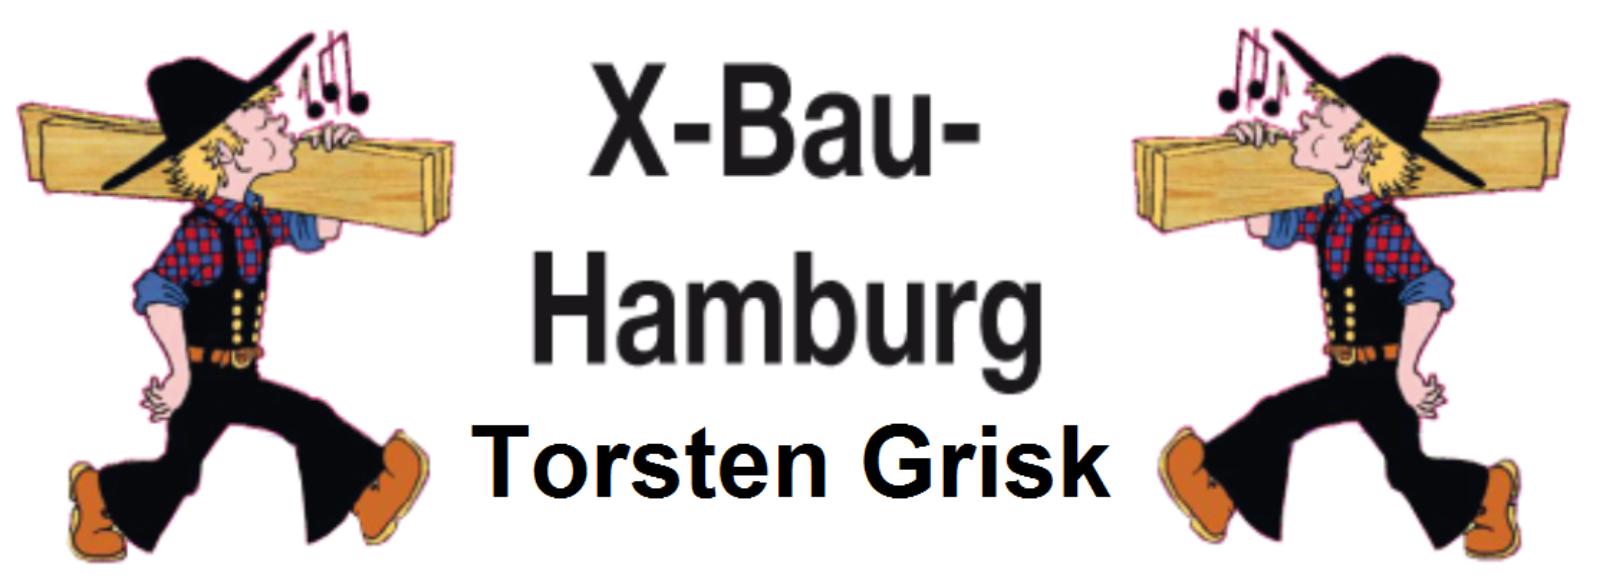 X-Bau Hamburg